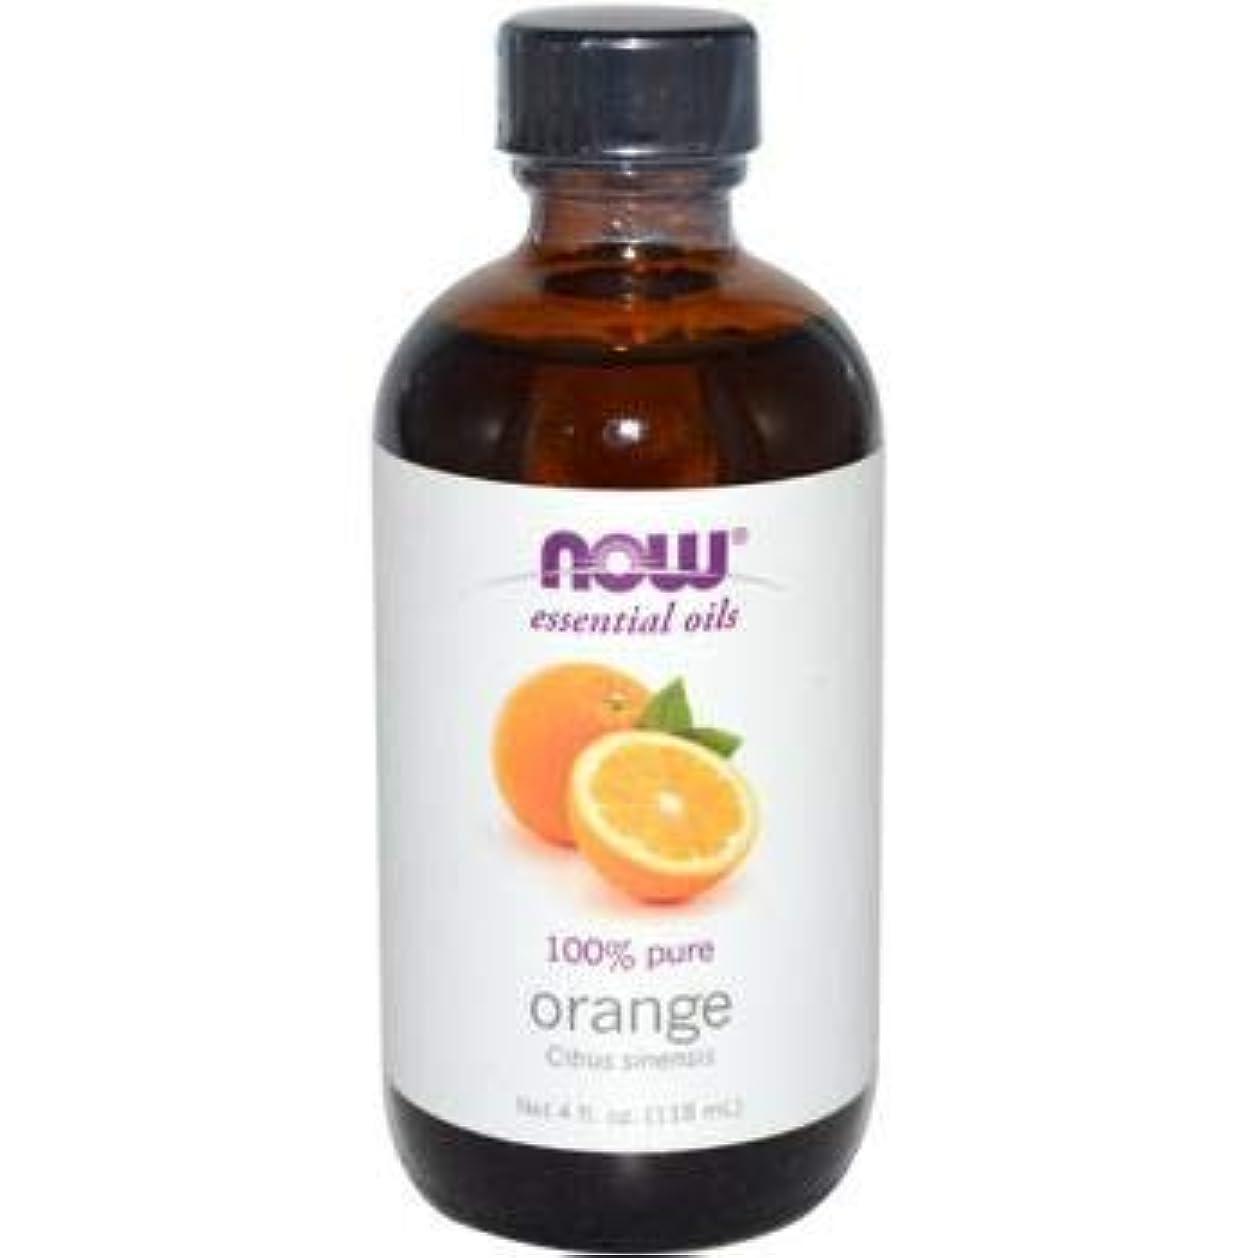 量で上記の頭と肩食料品店NOW Foods - オレンジオイル - 4ポンド